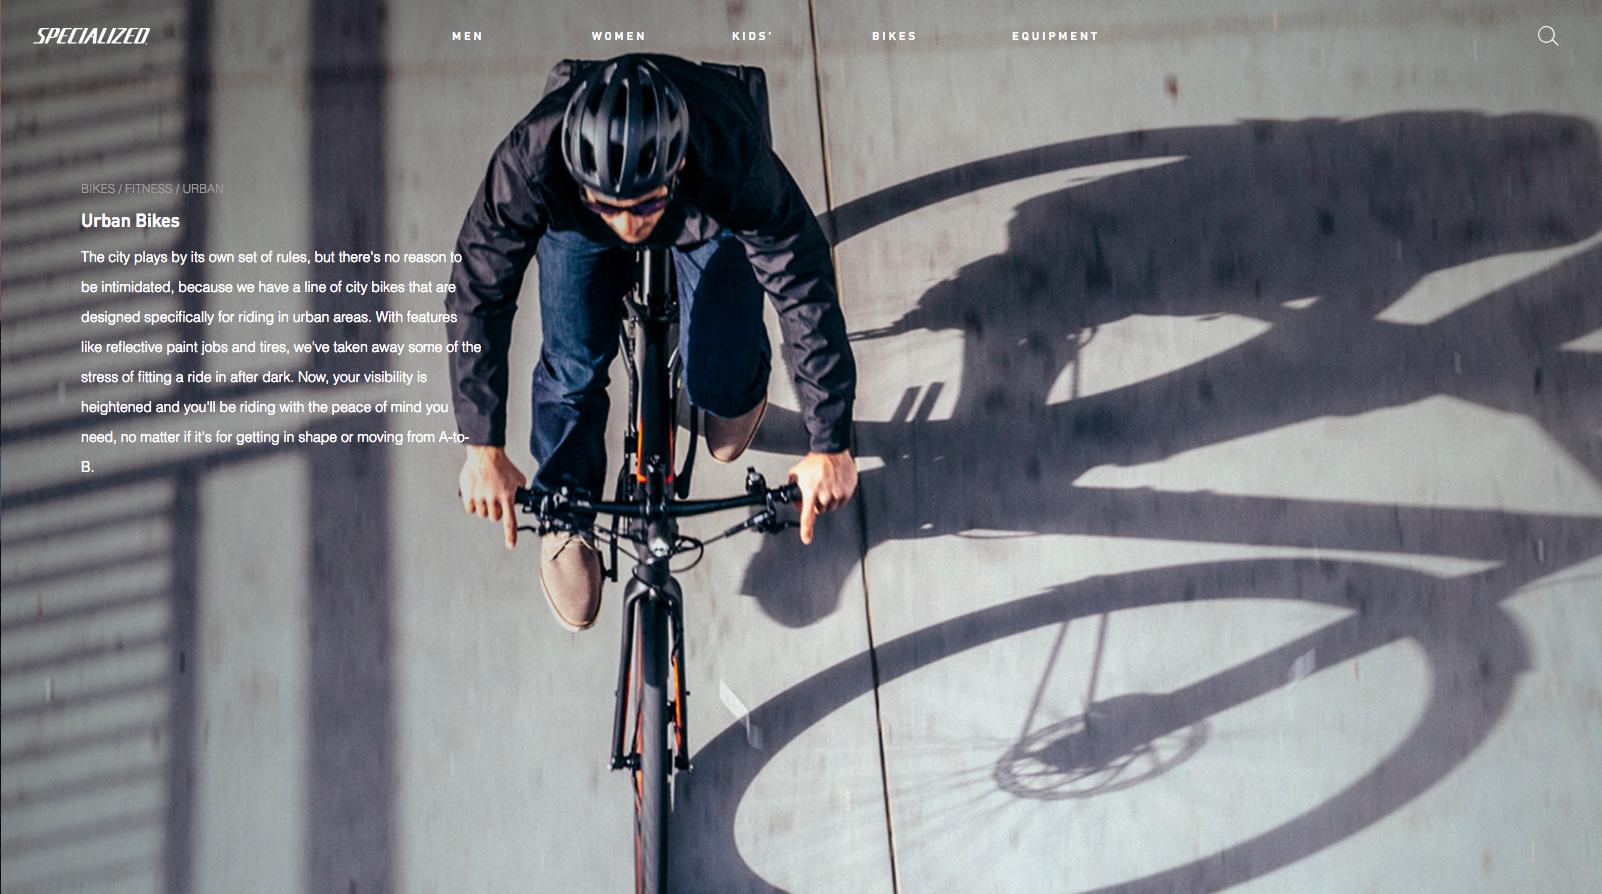 https://www.specialized.com/ca/en/bikes/fitness/urban